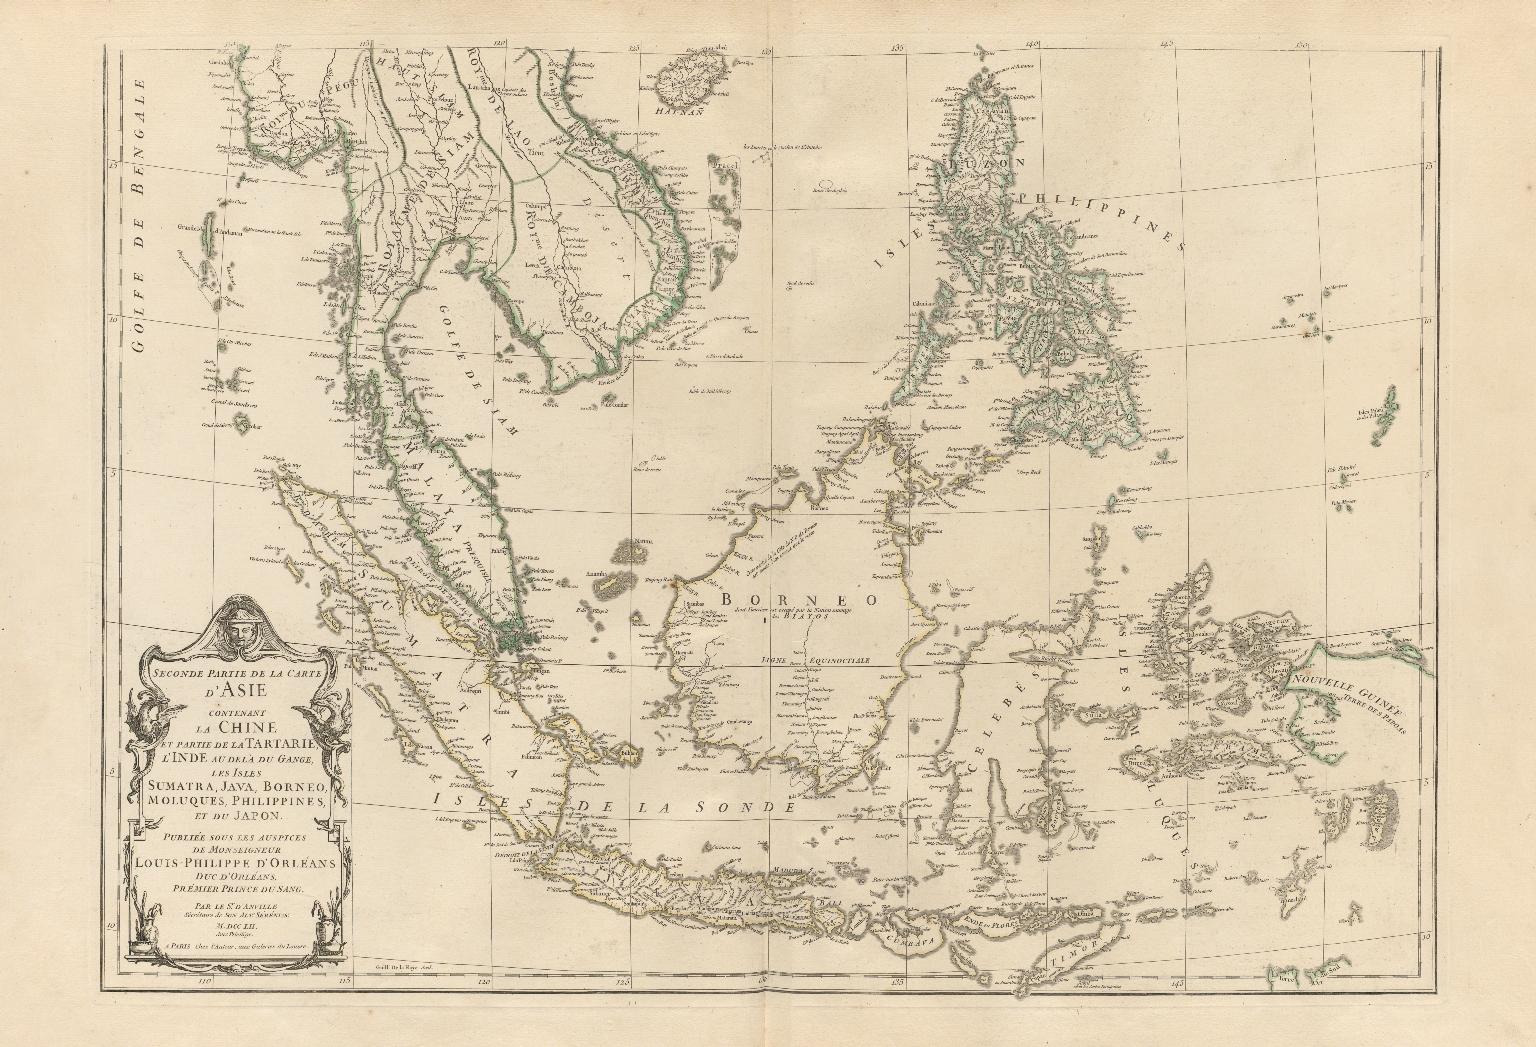 Seconde partie de la carte d'Asie, contenant la Chine et partie de la Tartarie, l'Inde au delà du Gange, les isles Sumatra, Java, Borneo, Moluques, Philippines et du Japon.Part 2